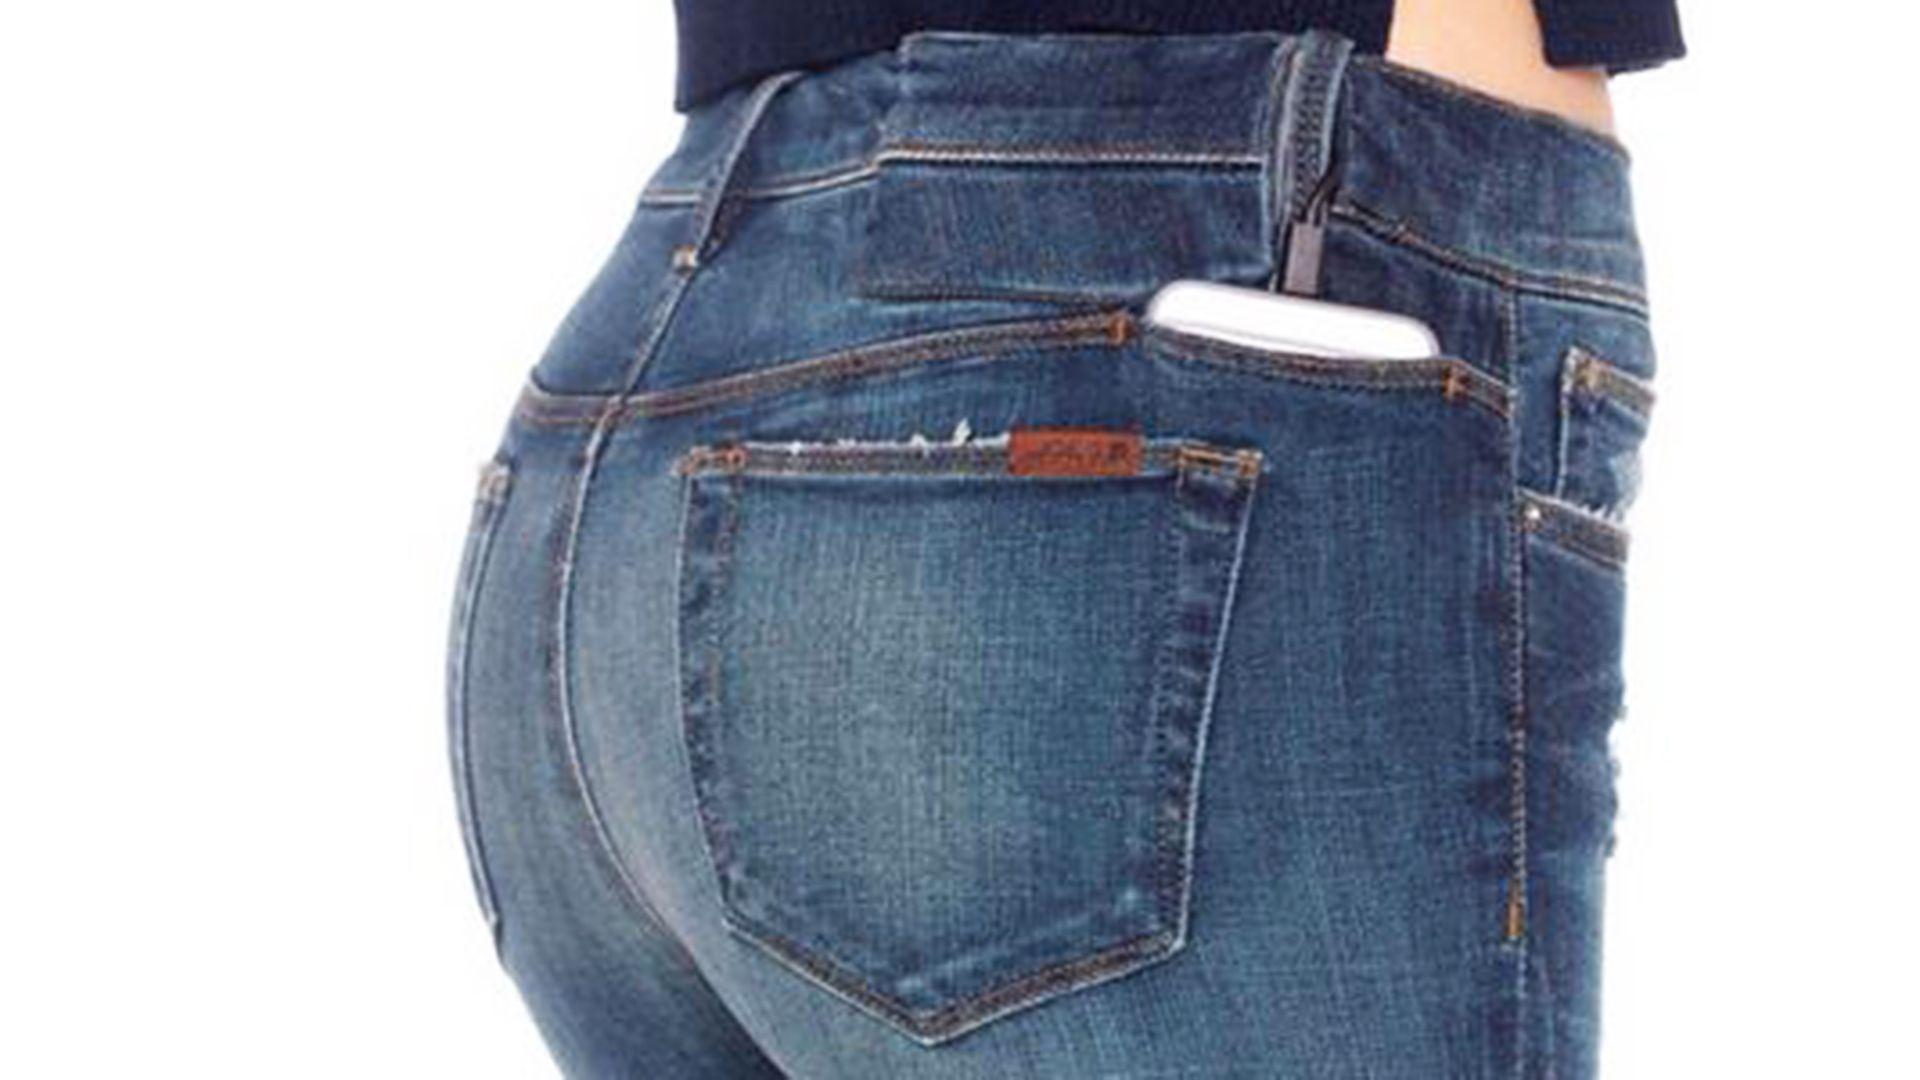 I migliori jeans per donne basse di statura